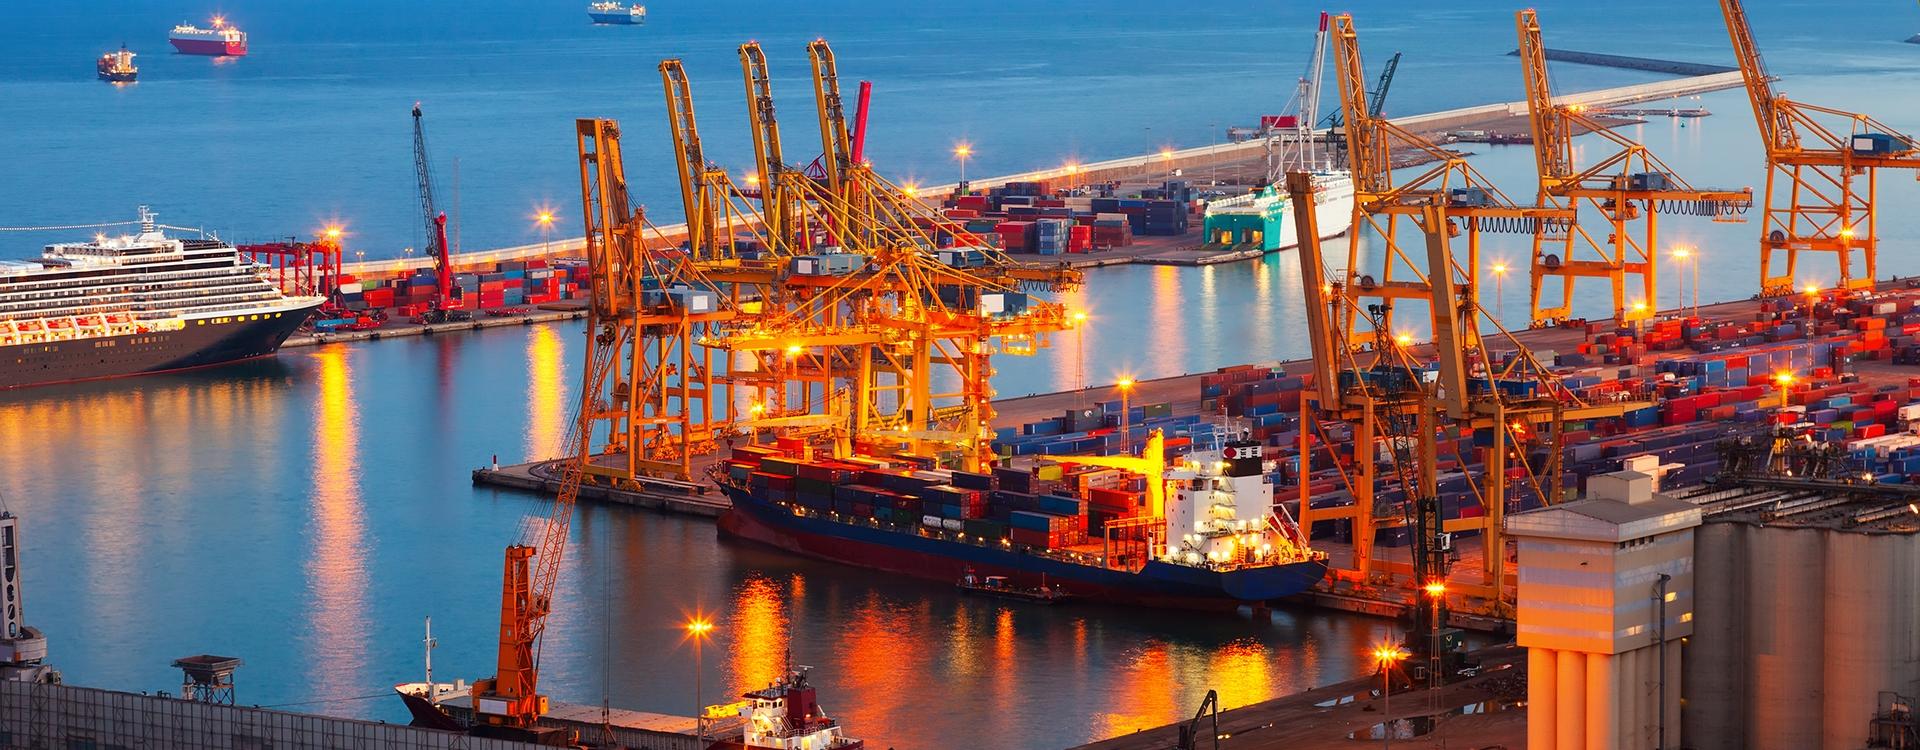 خدمات شرکت حمل و نقل بین المللی